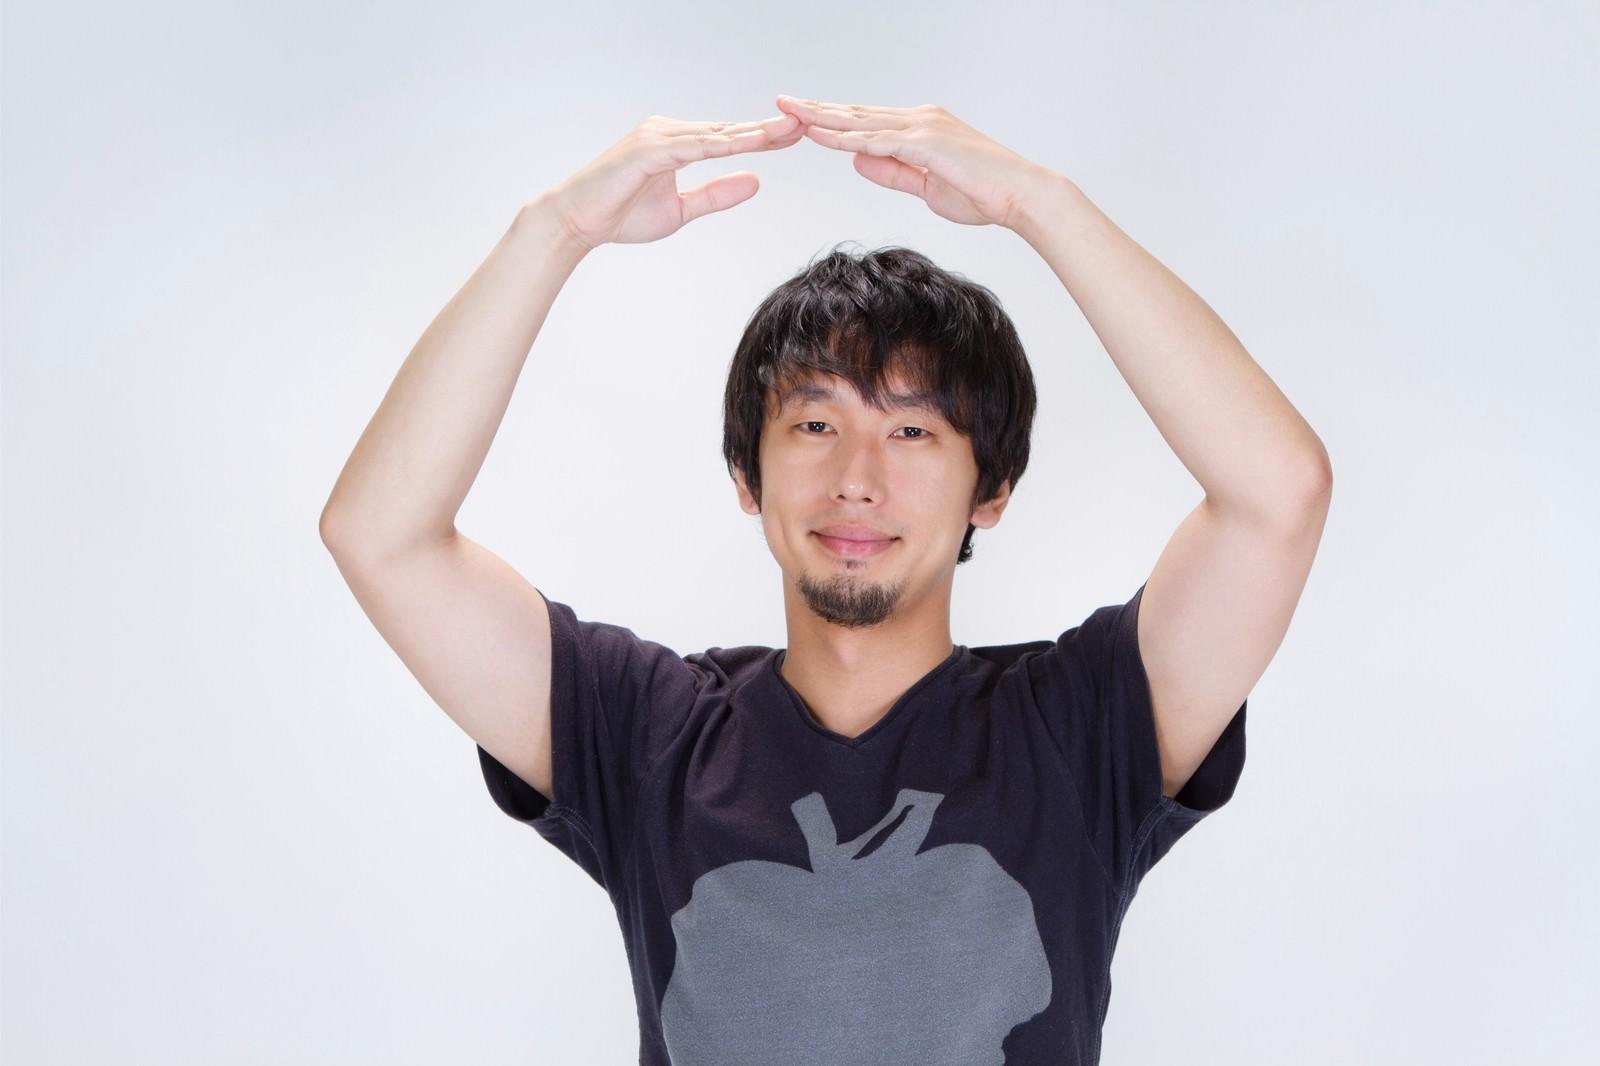 「『正解!』丸を作る男性『正解!』丸を作る男性」[モデル:大川竜弥]のフリー写真素材を拡大